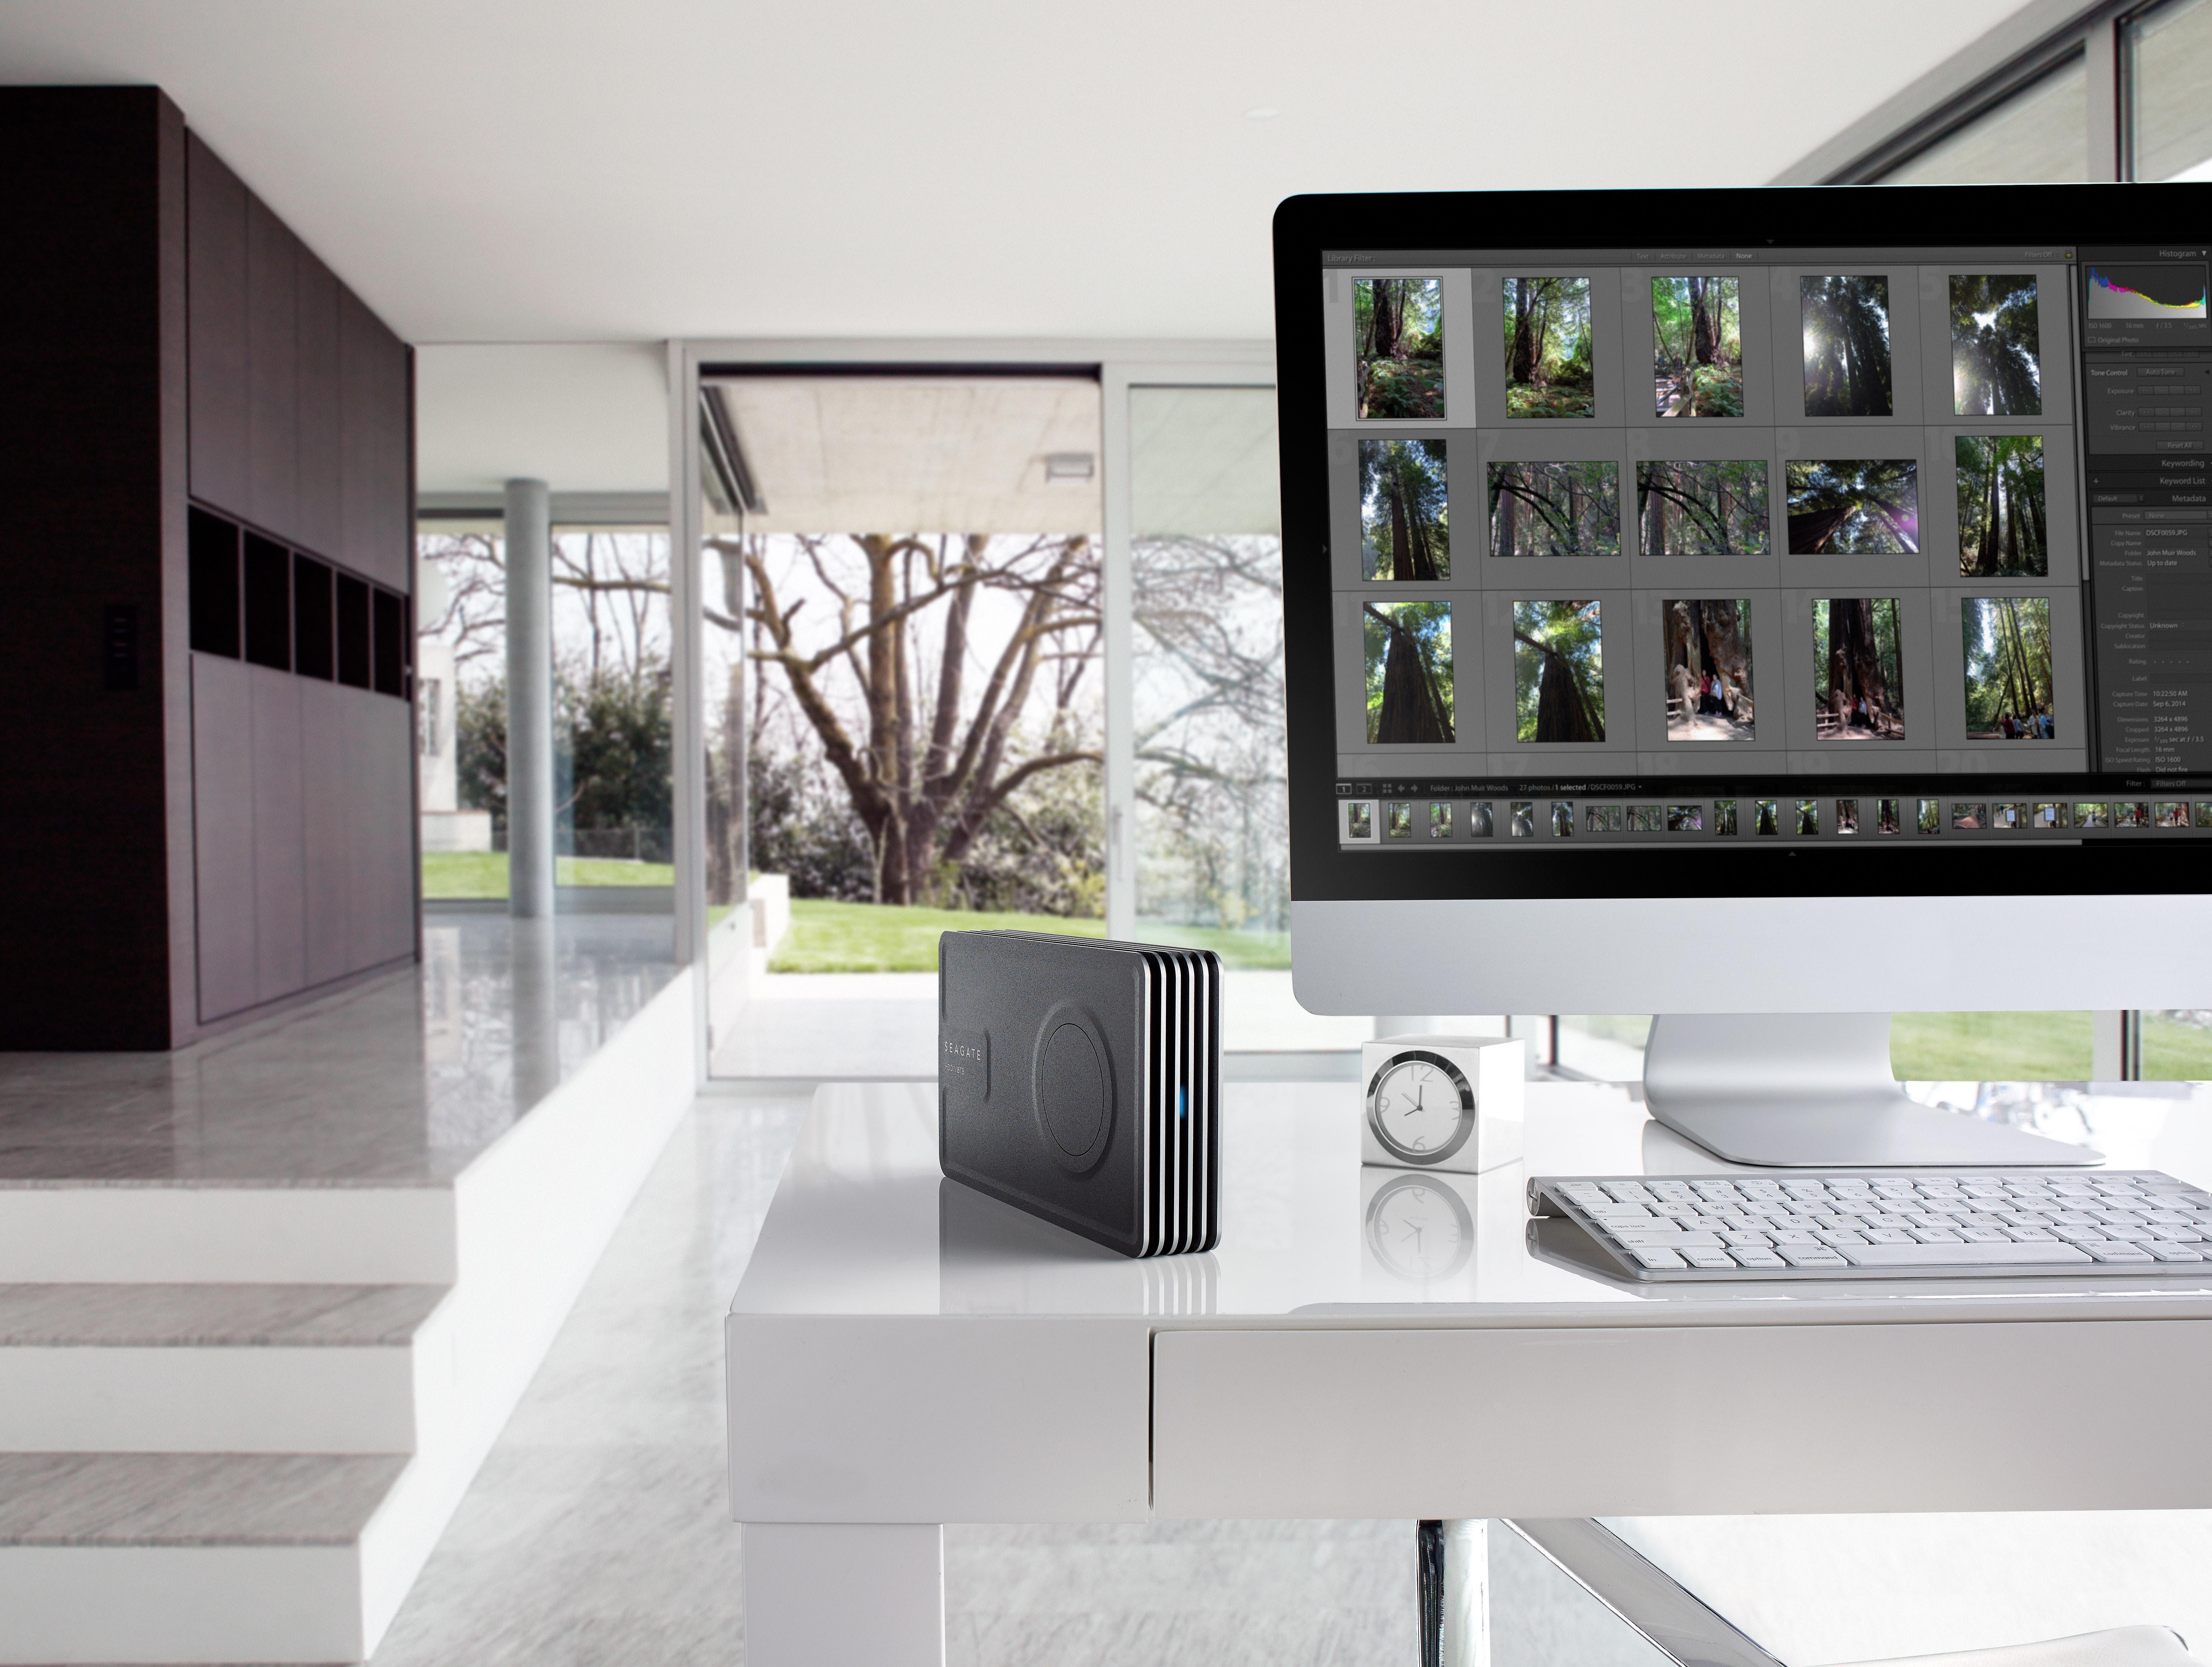 Seagate выпустила первый настольный винчестер Innov8 с питанием по USB